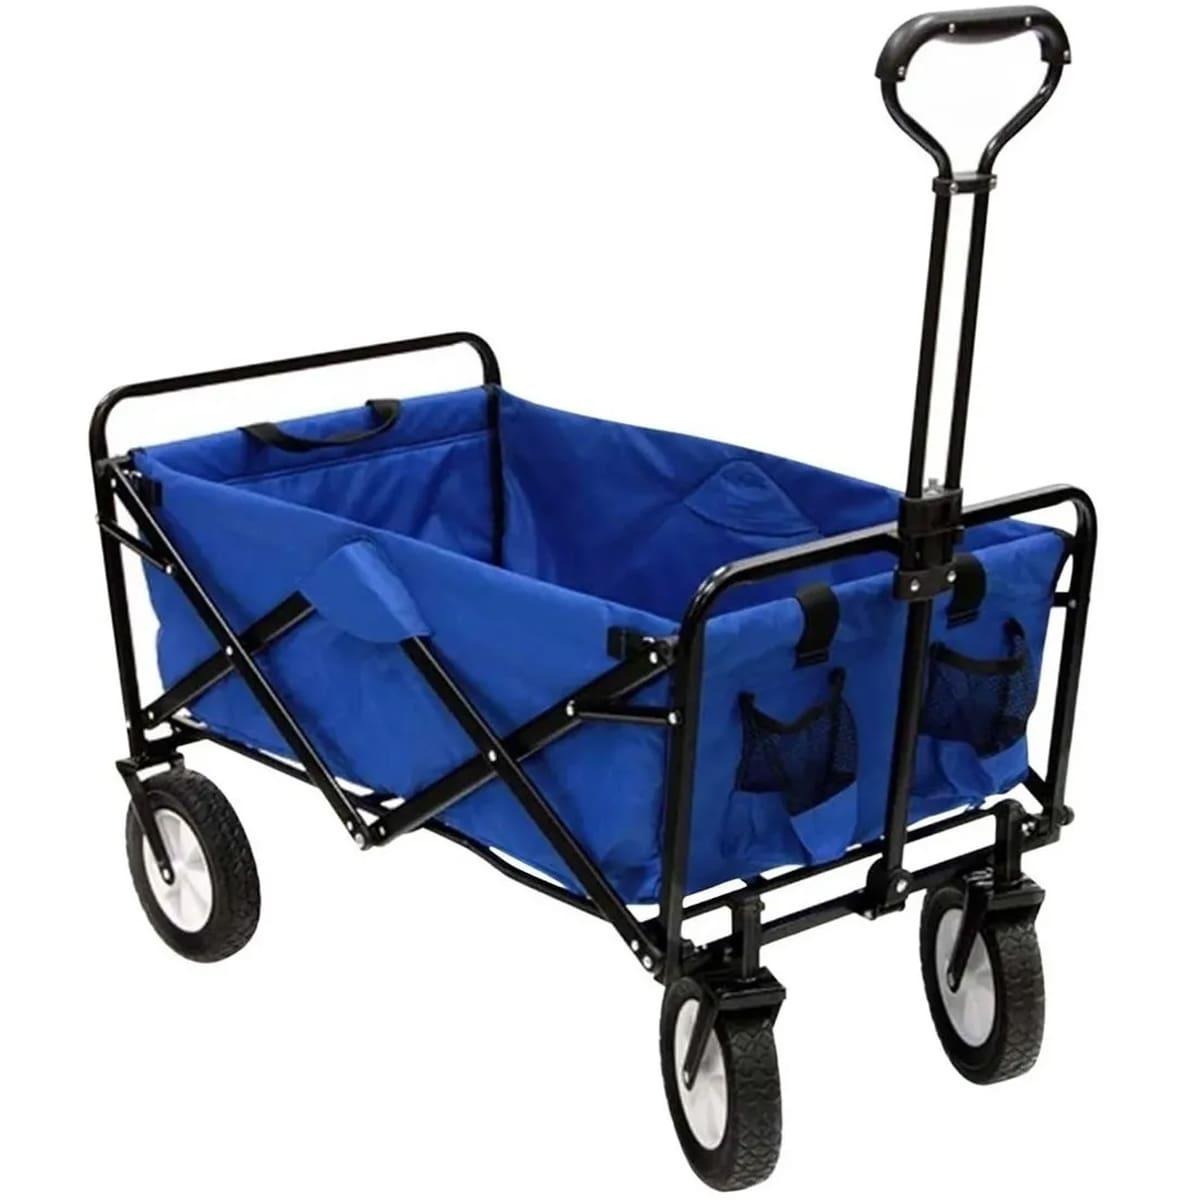 Carrinho Wagon NTK Nautika Para Transporte De Equipamentos